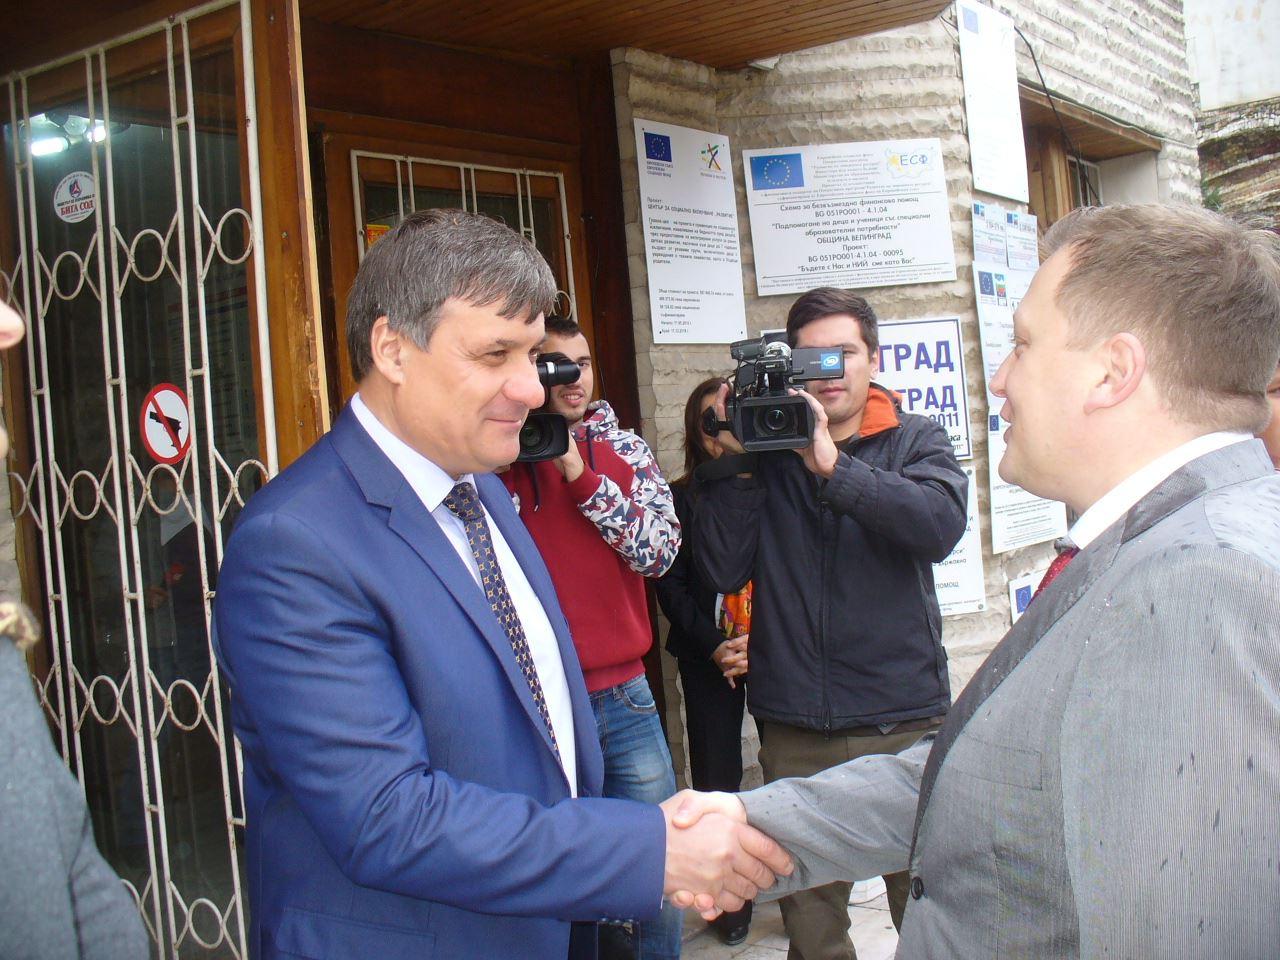 Д-р Коев бе избран за член на Националния съвет по туризъм